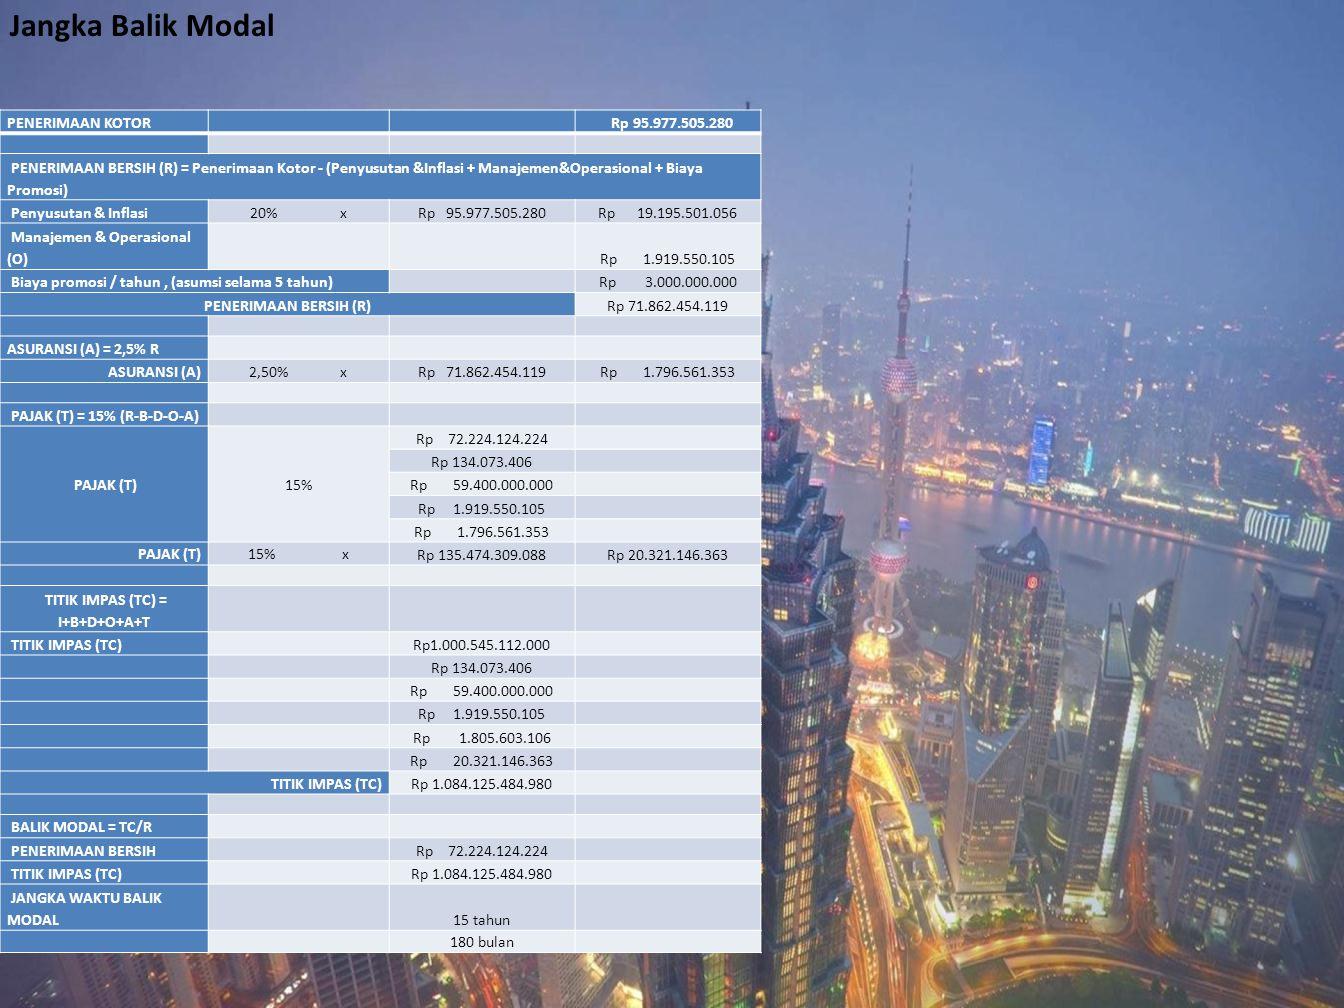 PENERIMAAN KOTOR Rp 95.977.505.280 PENERIMAAN BERSIH (R) = Penerimaan Kotor - (Penyusutan &Inflasi + Manajemen&Operasional + Biaya Promosi) Penyusutan